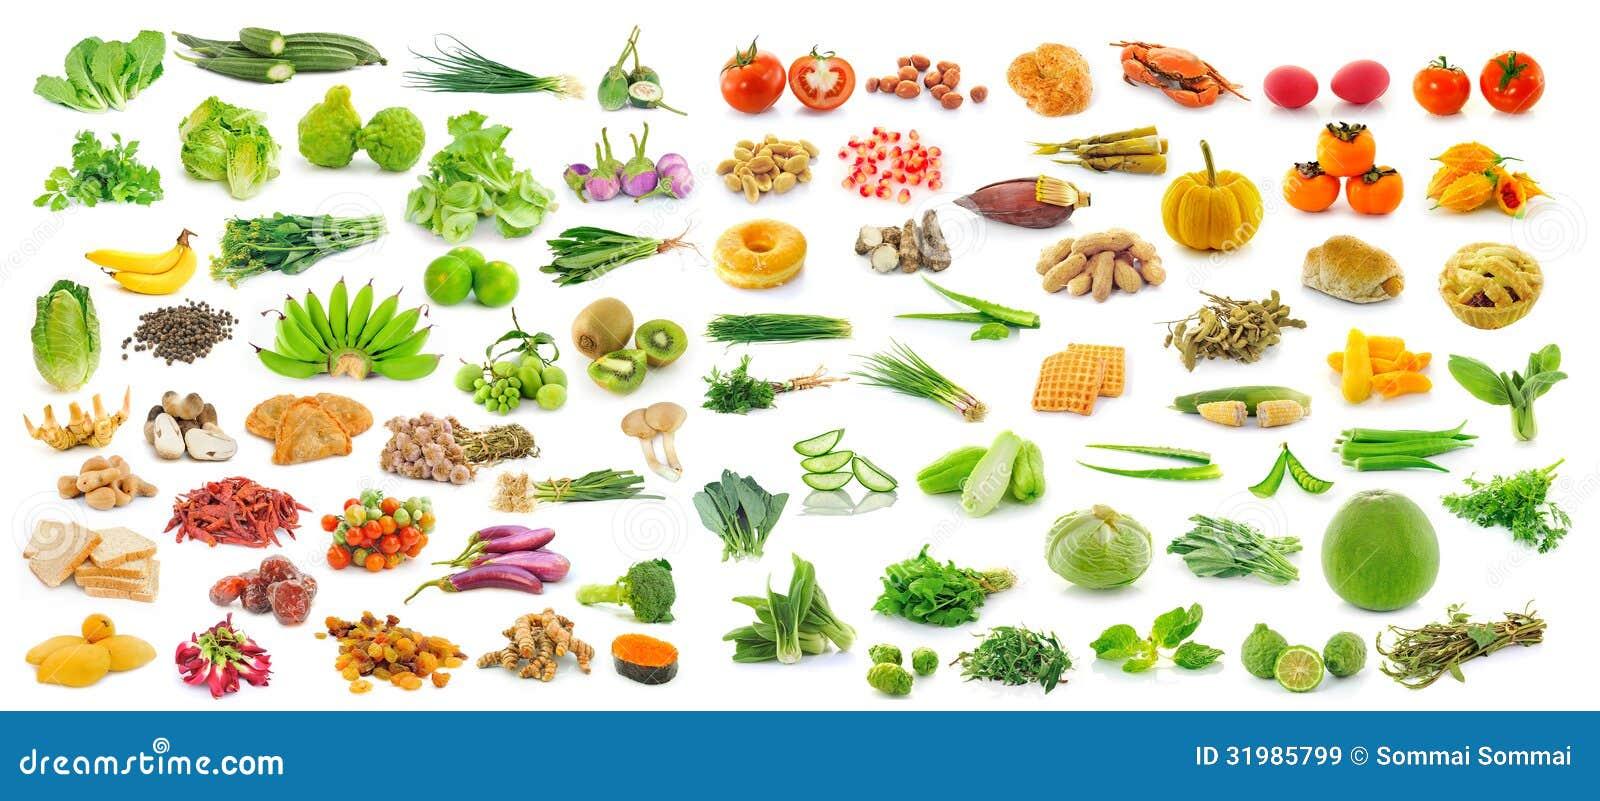 Achtergrond Witte Keuken : Inzameling Van Fruit En Groenten Op Witte ...